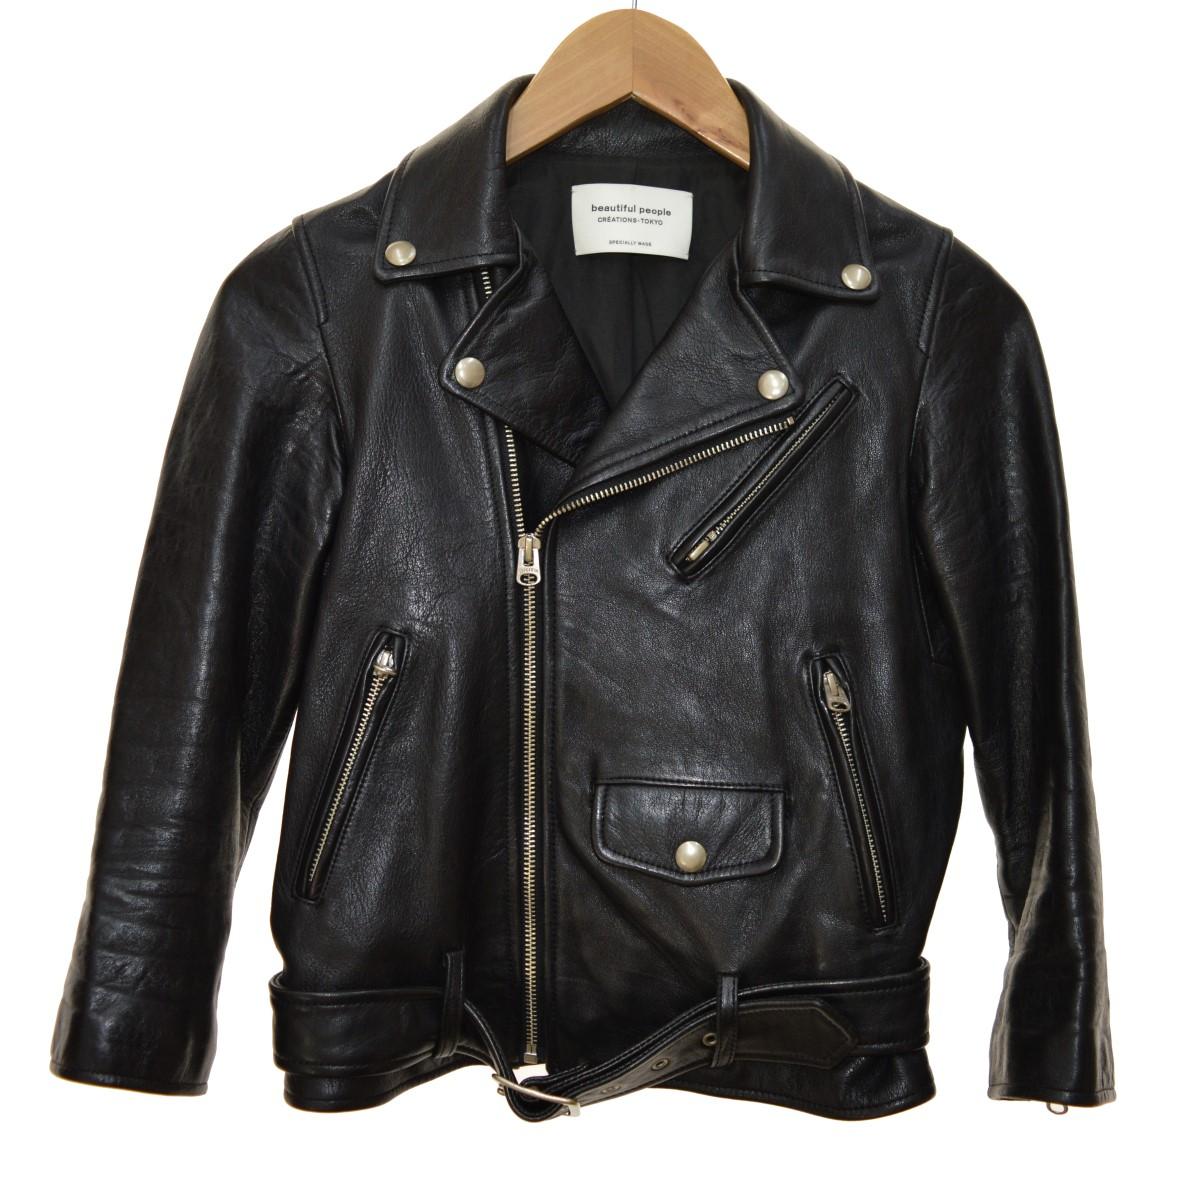 【中古】beautiful people2016 vintage leather riders jacket ダブルライダースジャケット ブラック サイズ:120 【4月23日見直し】